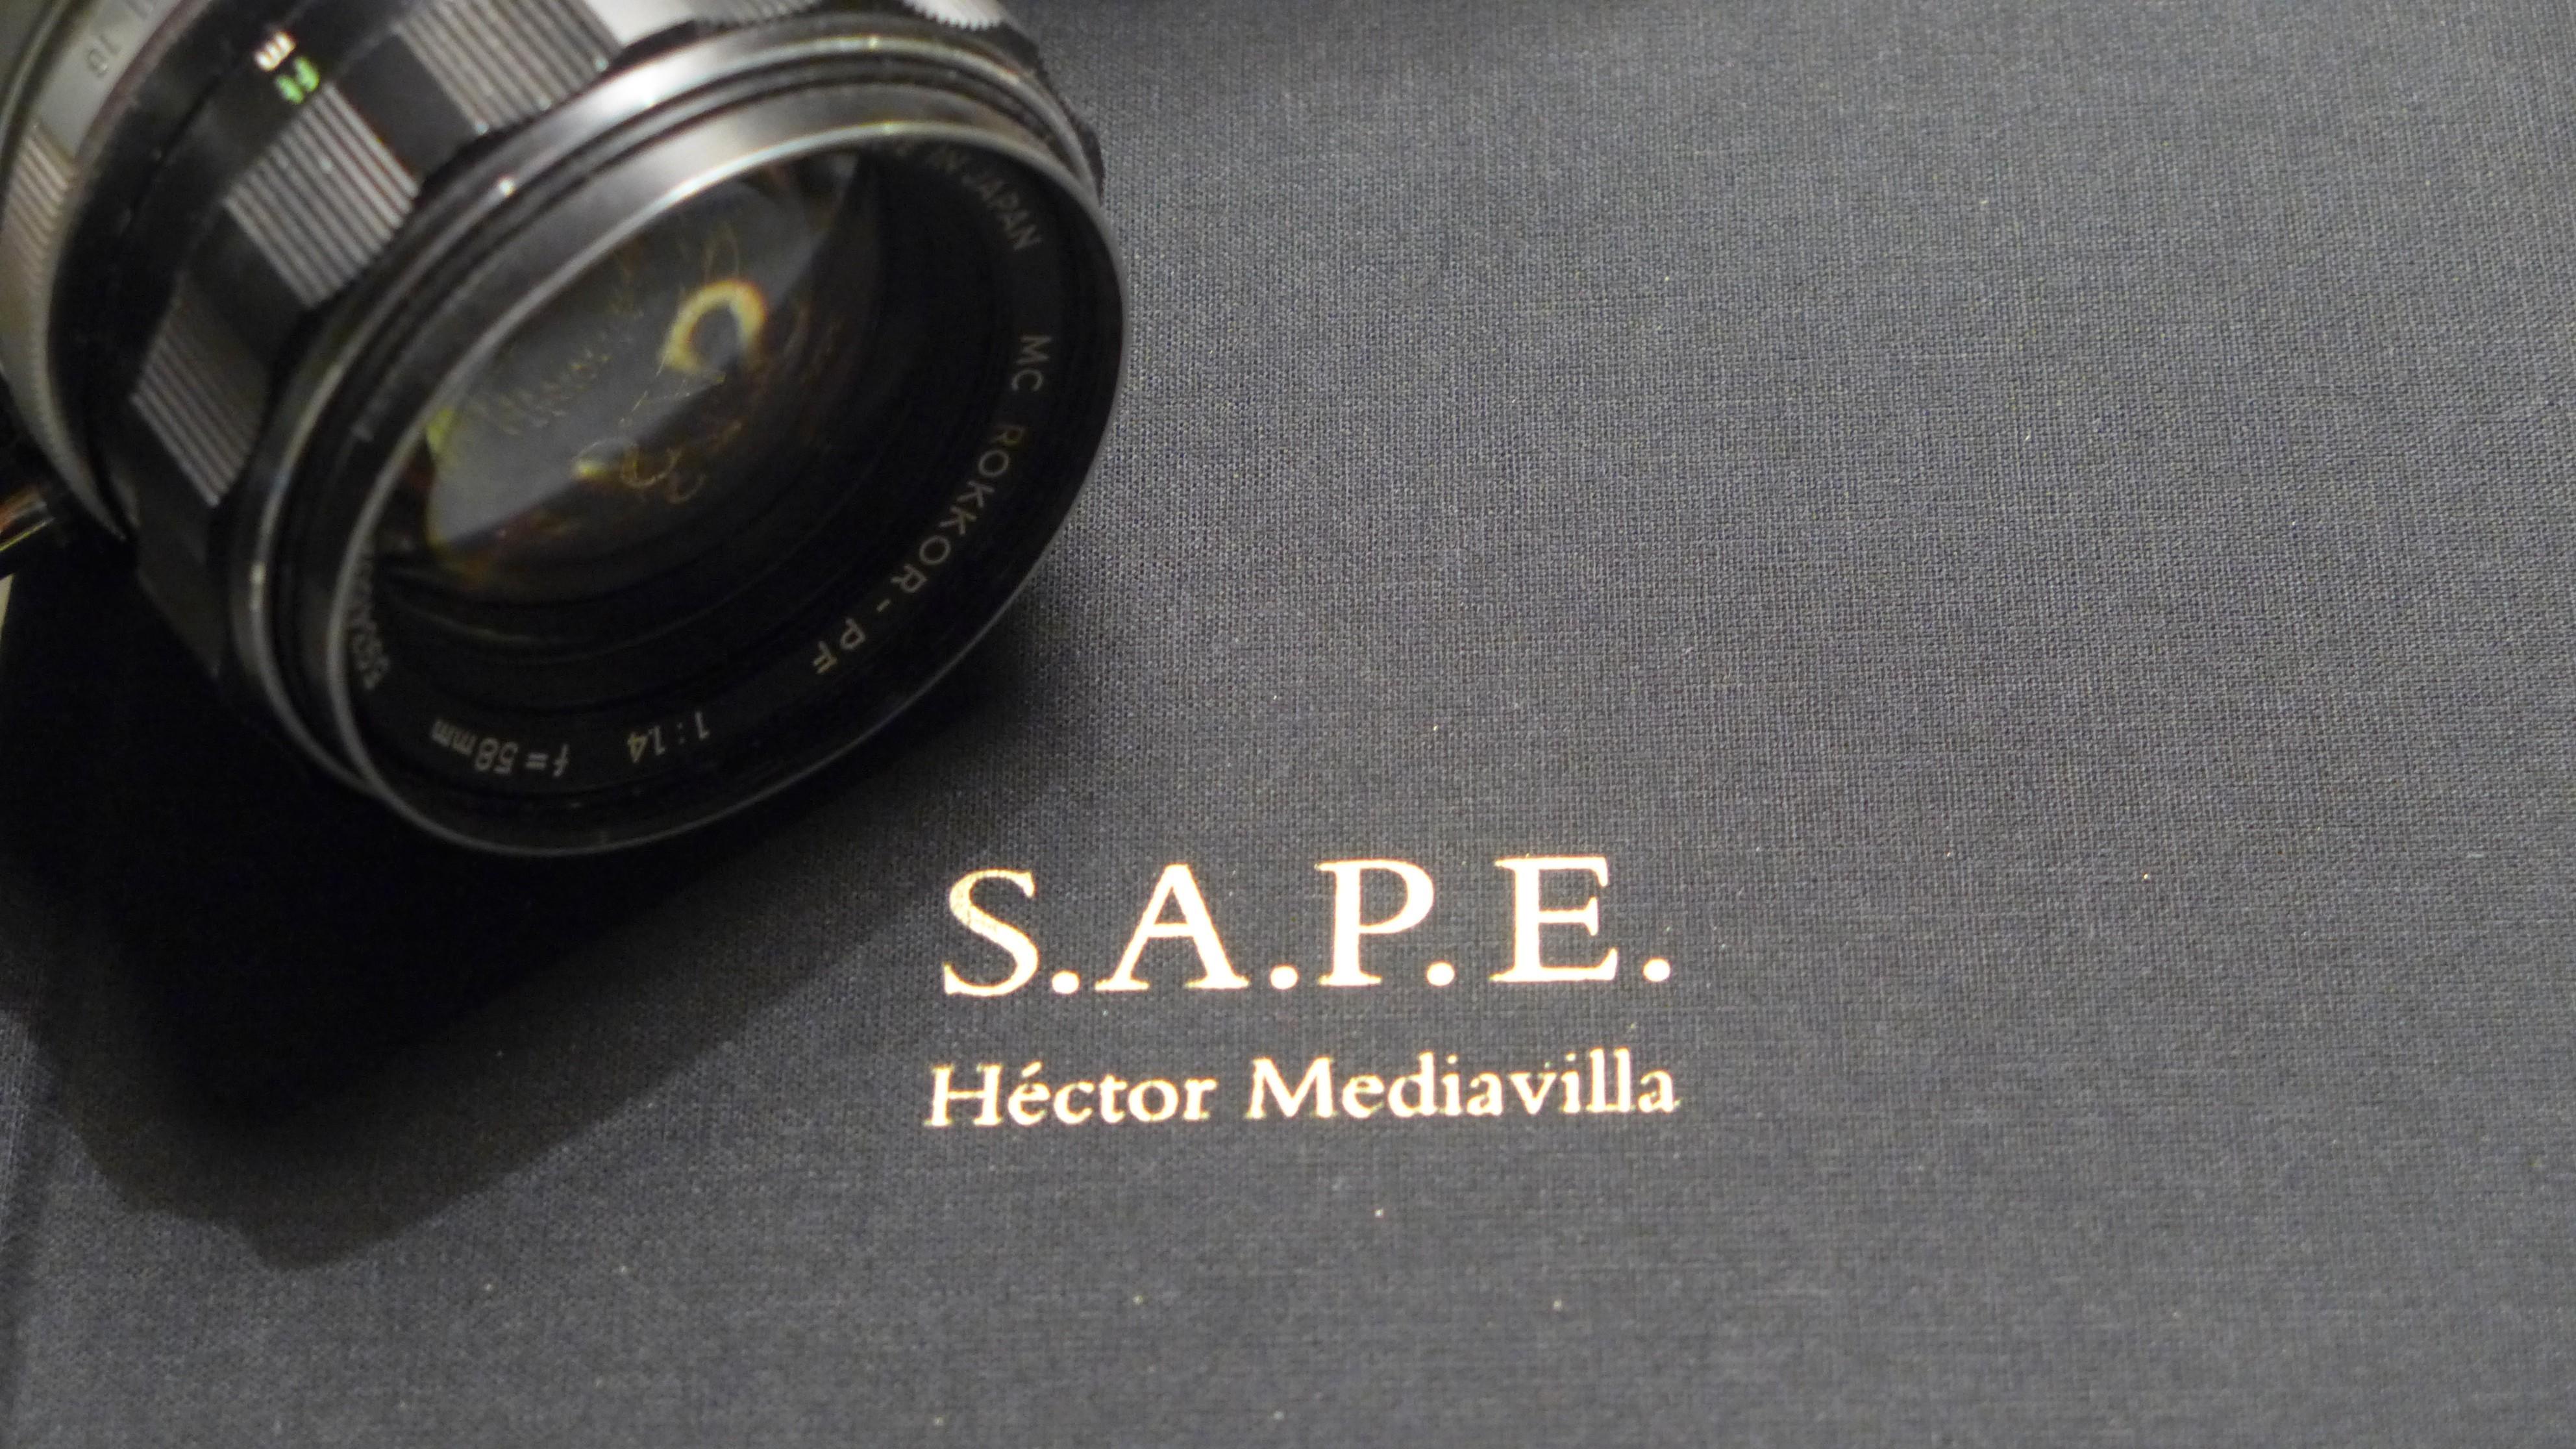 S.A.P.E Héctor Mediavilla